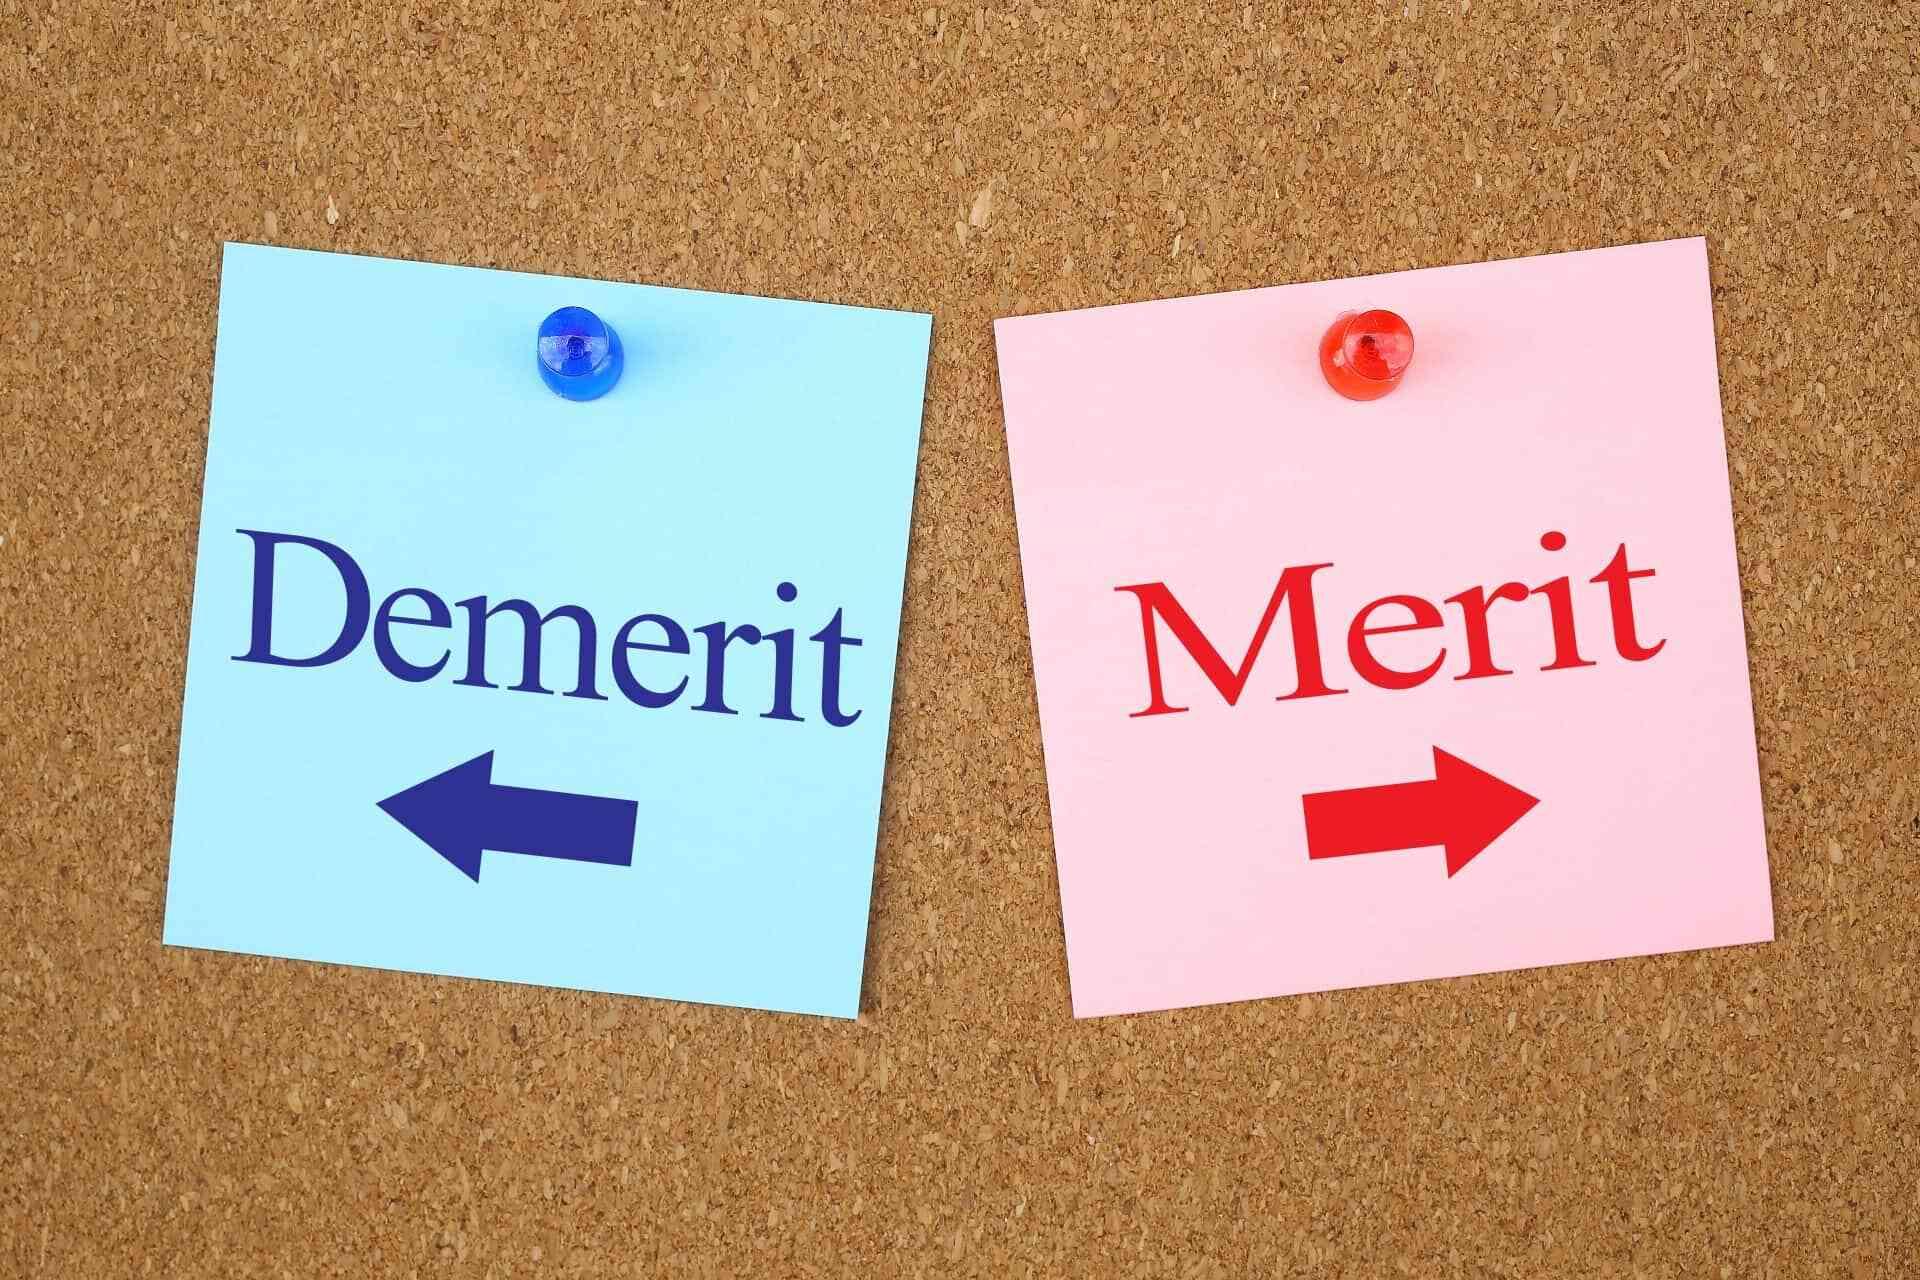 合同説明会に参加するメリット・デメリットを紹介